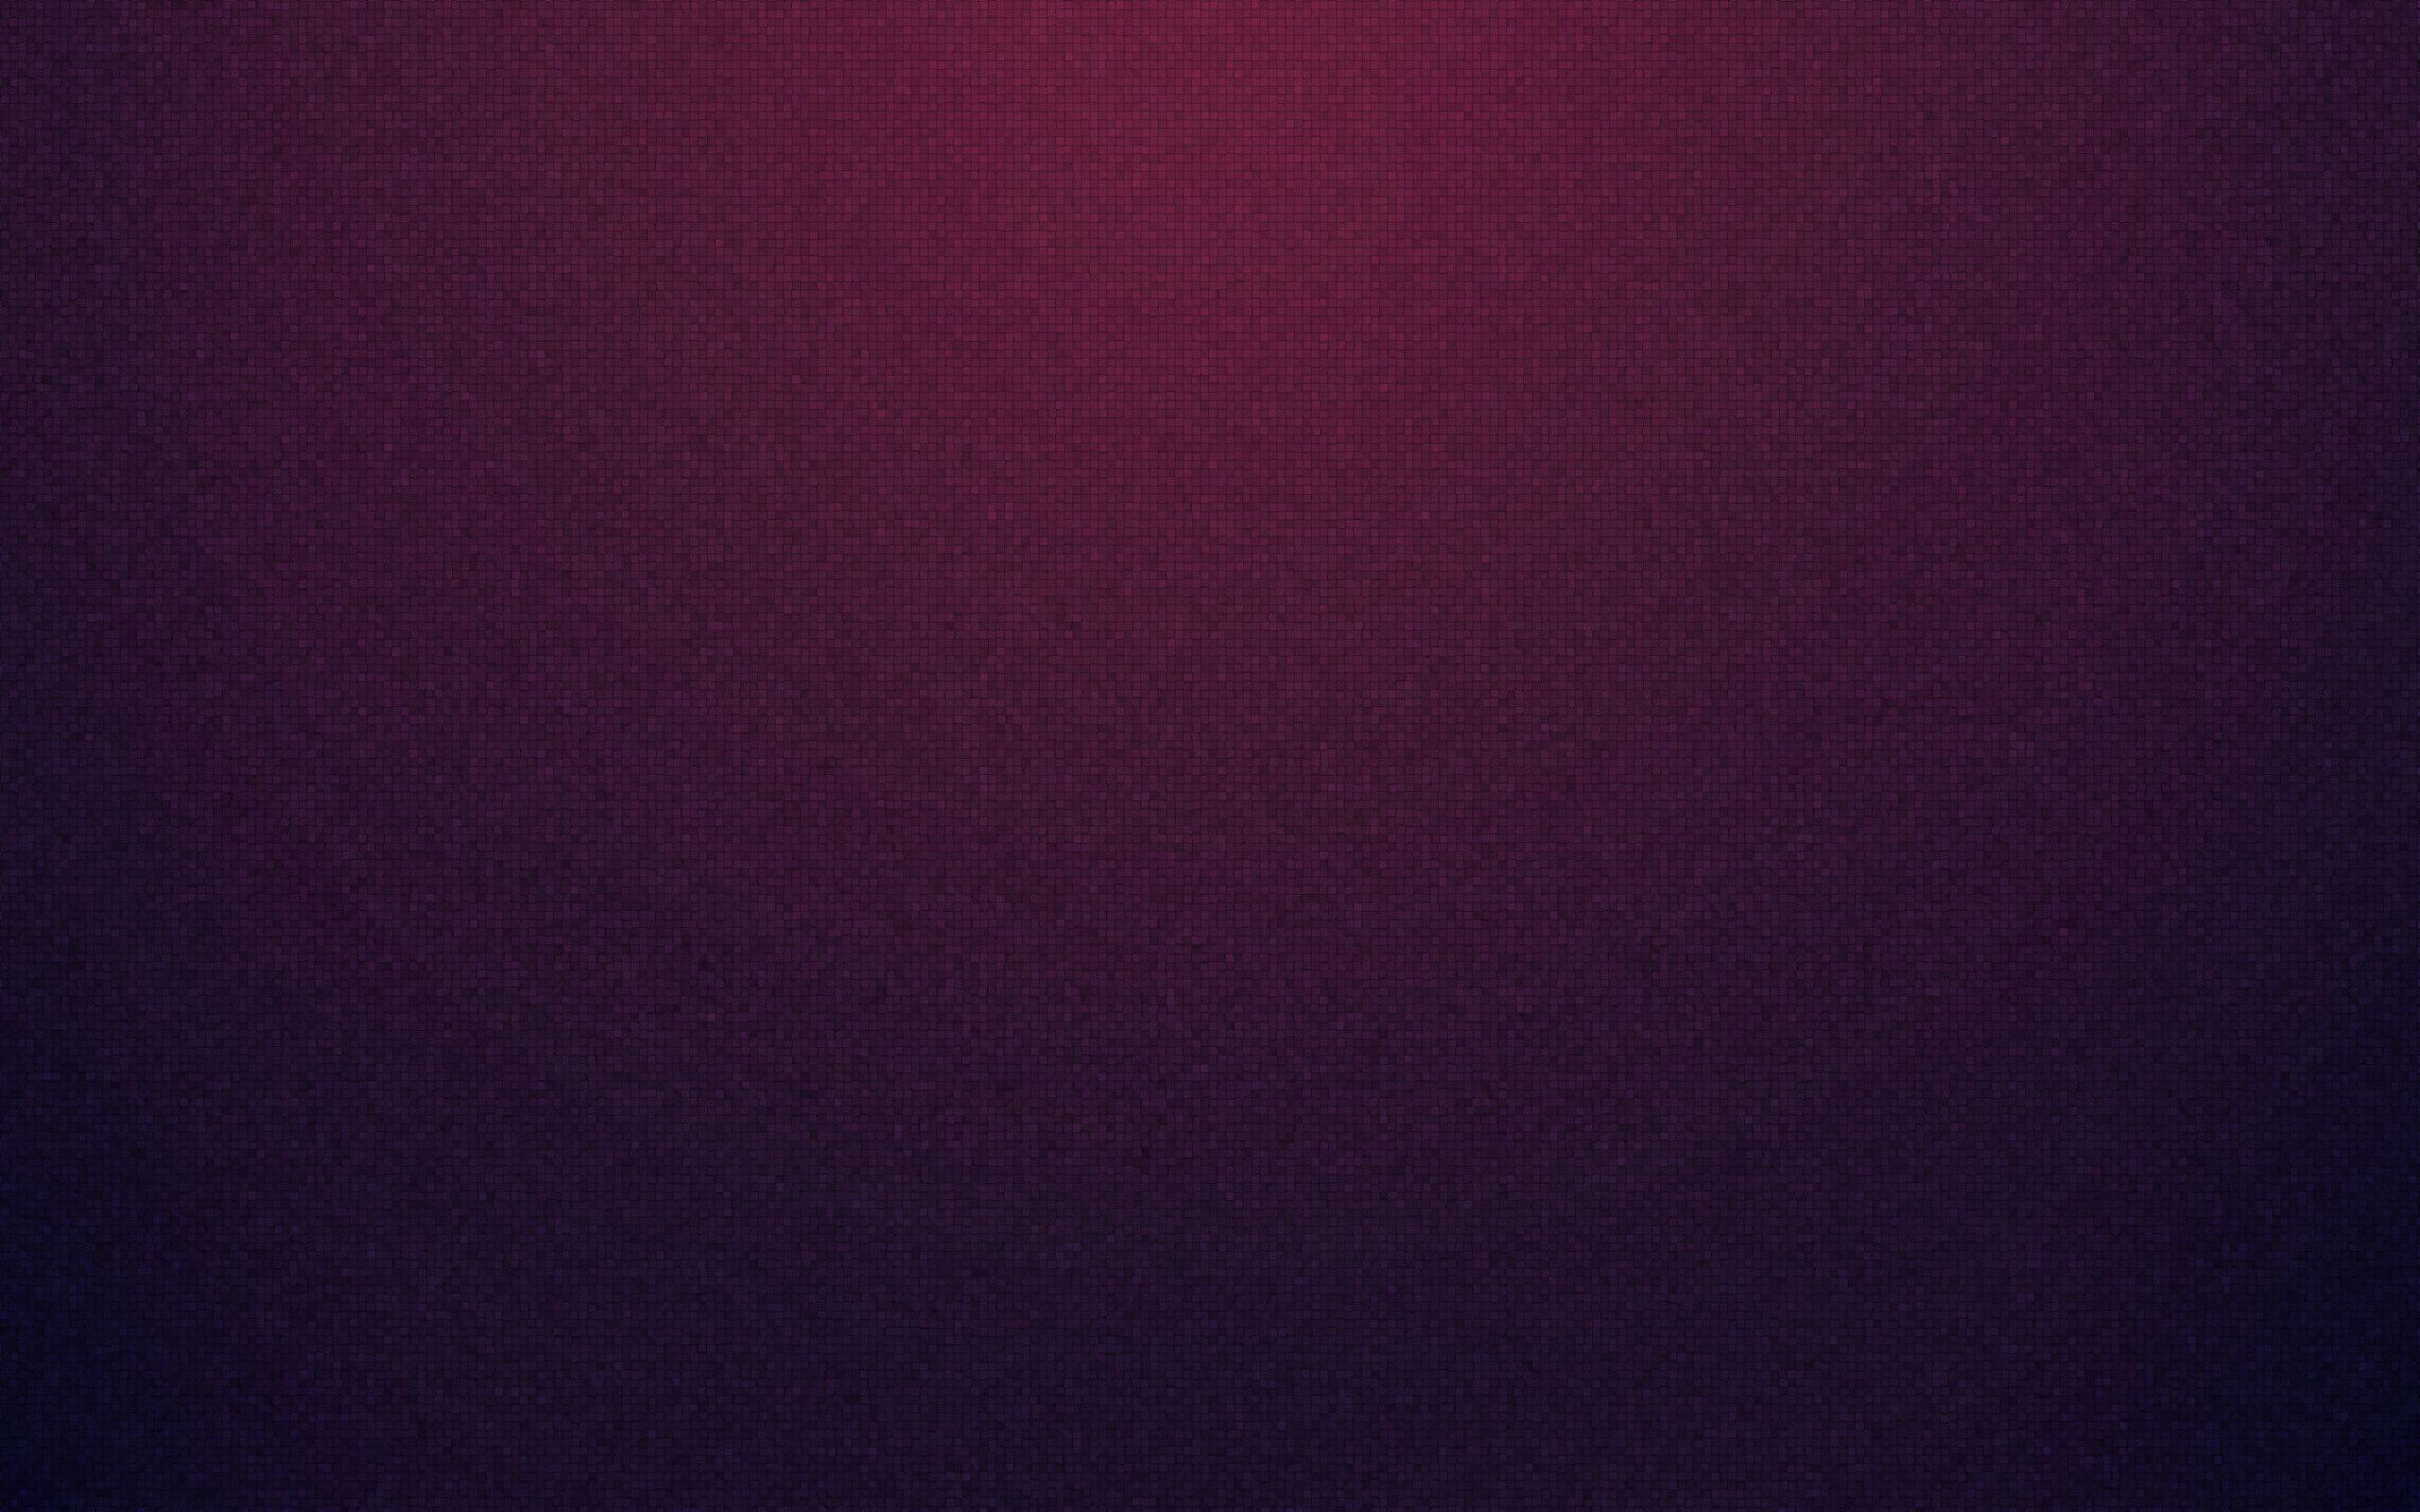 88559 Заставки и Обои Текстуры на телефон. Скачать Текстуры, Фон, Тень, Цвет, Пиксели картинки бесплатно